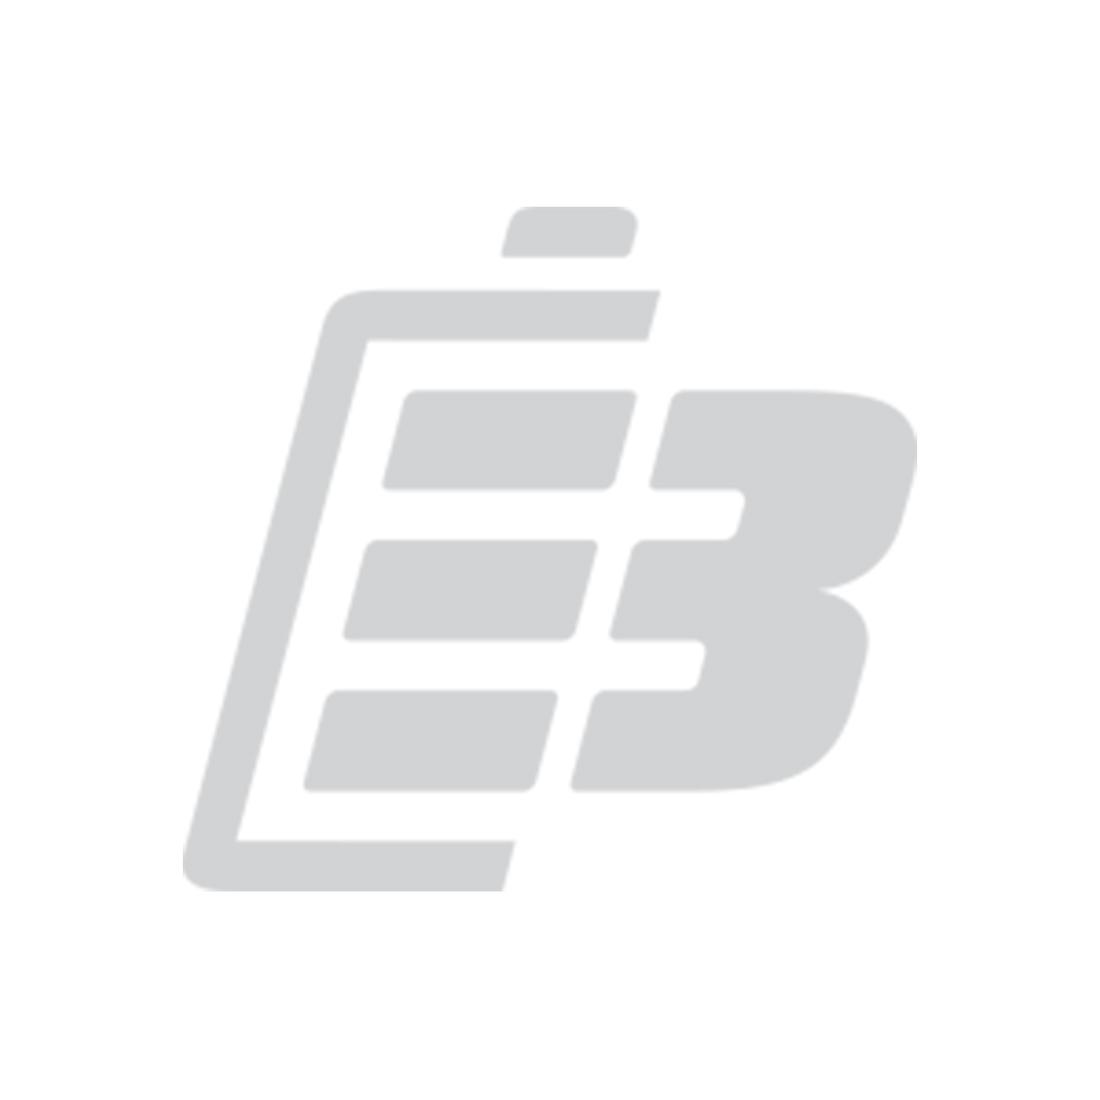 Μπαταρία φωτογραφικής μηχανής Sony NP-FR1_1